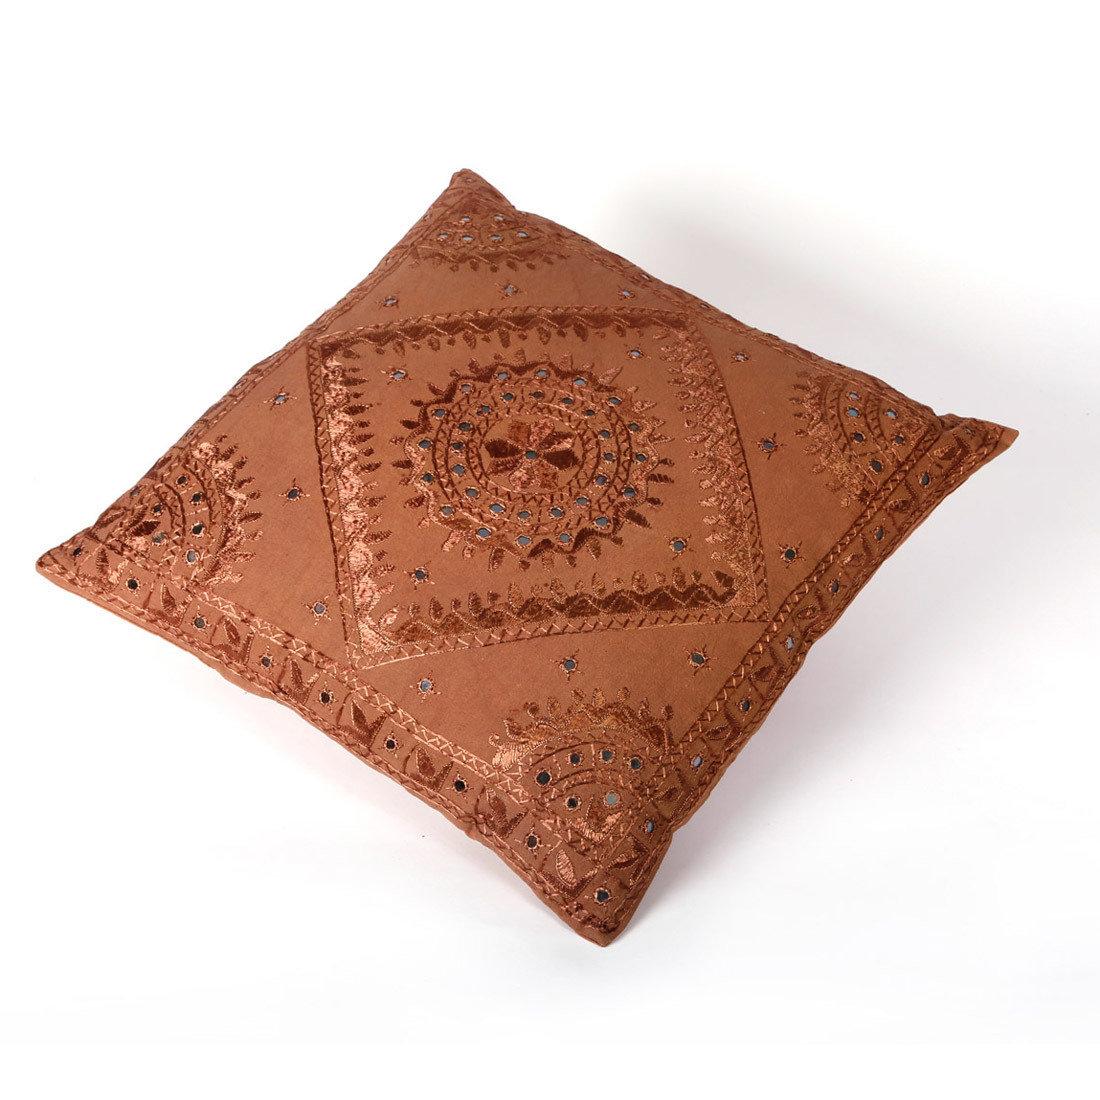 indiaas kussen - chocolade bruin - met spiegeltjes